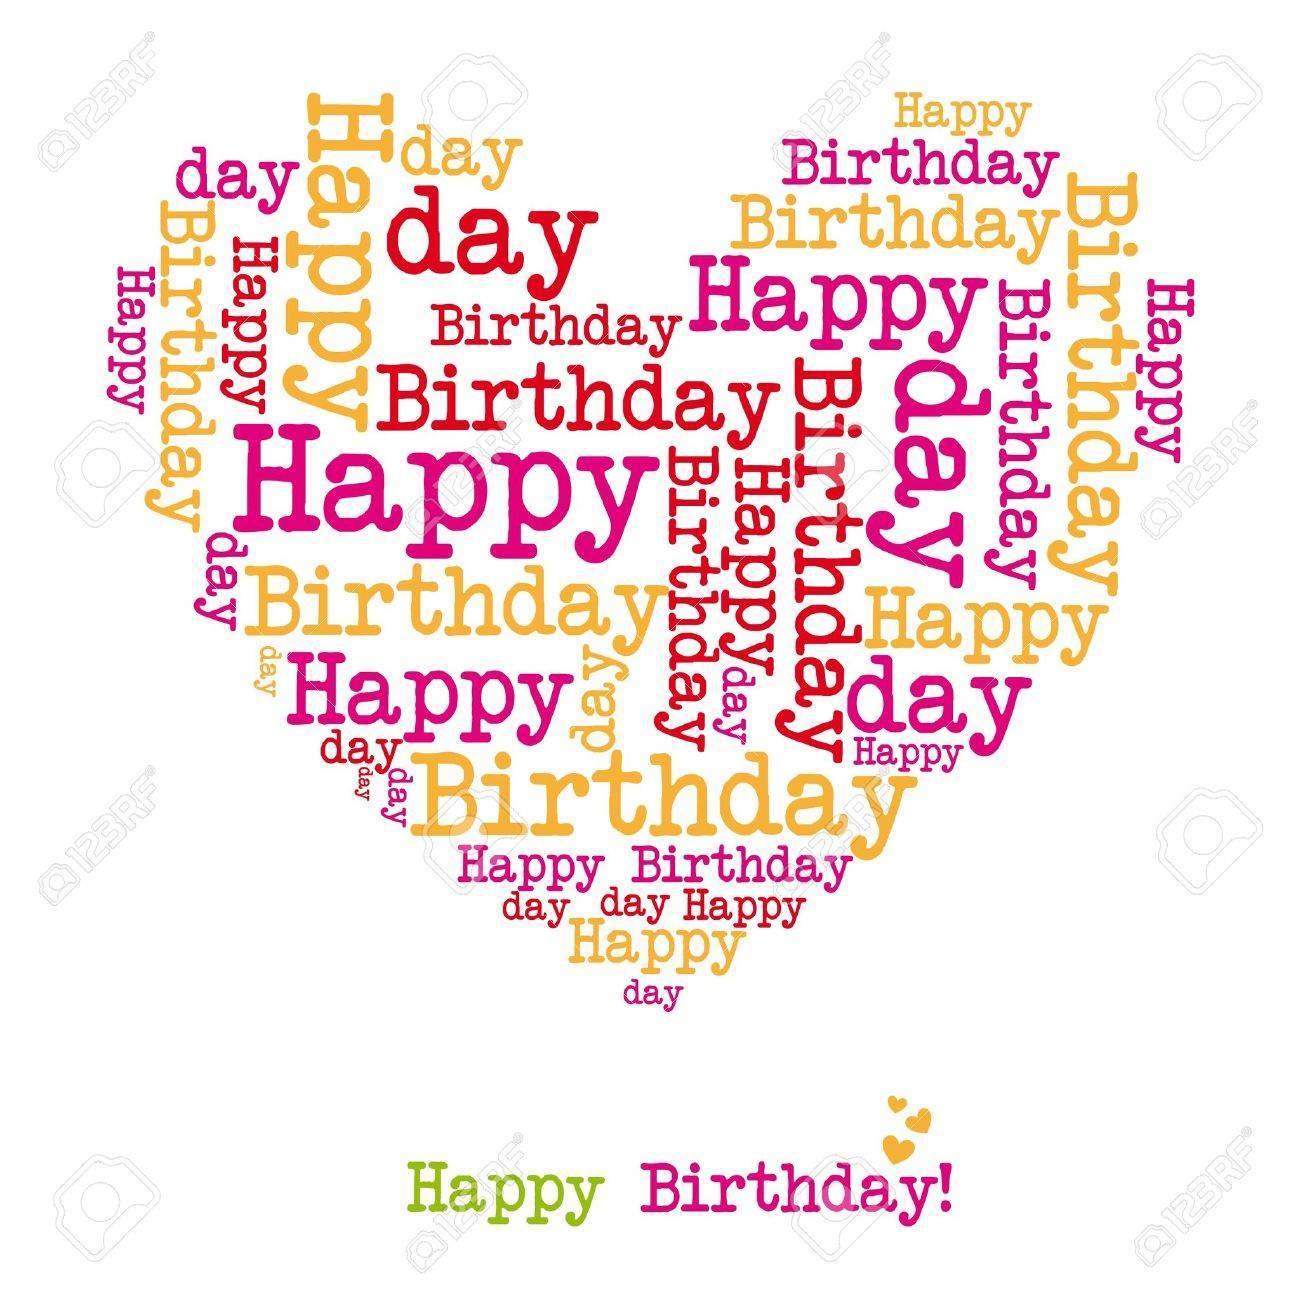 happy birthday heart isolated